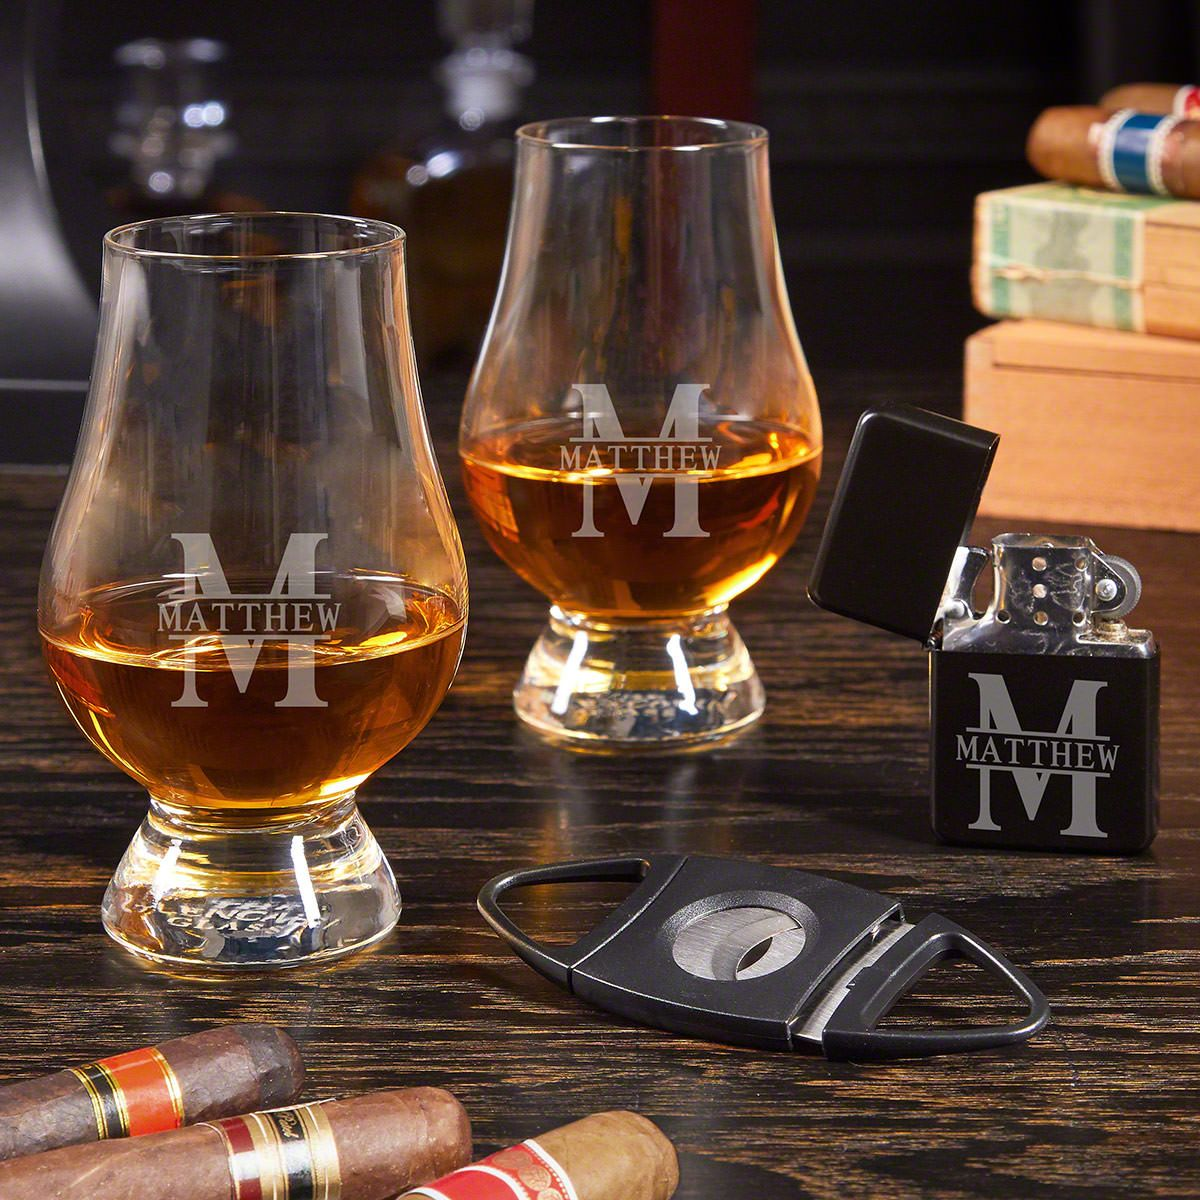 Oakmont Engraved Cigar Gift Set with Glencairn Glasses